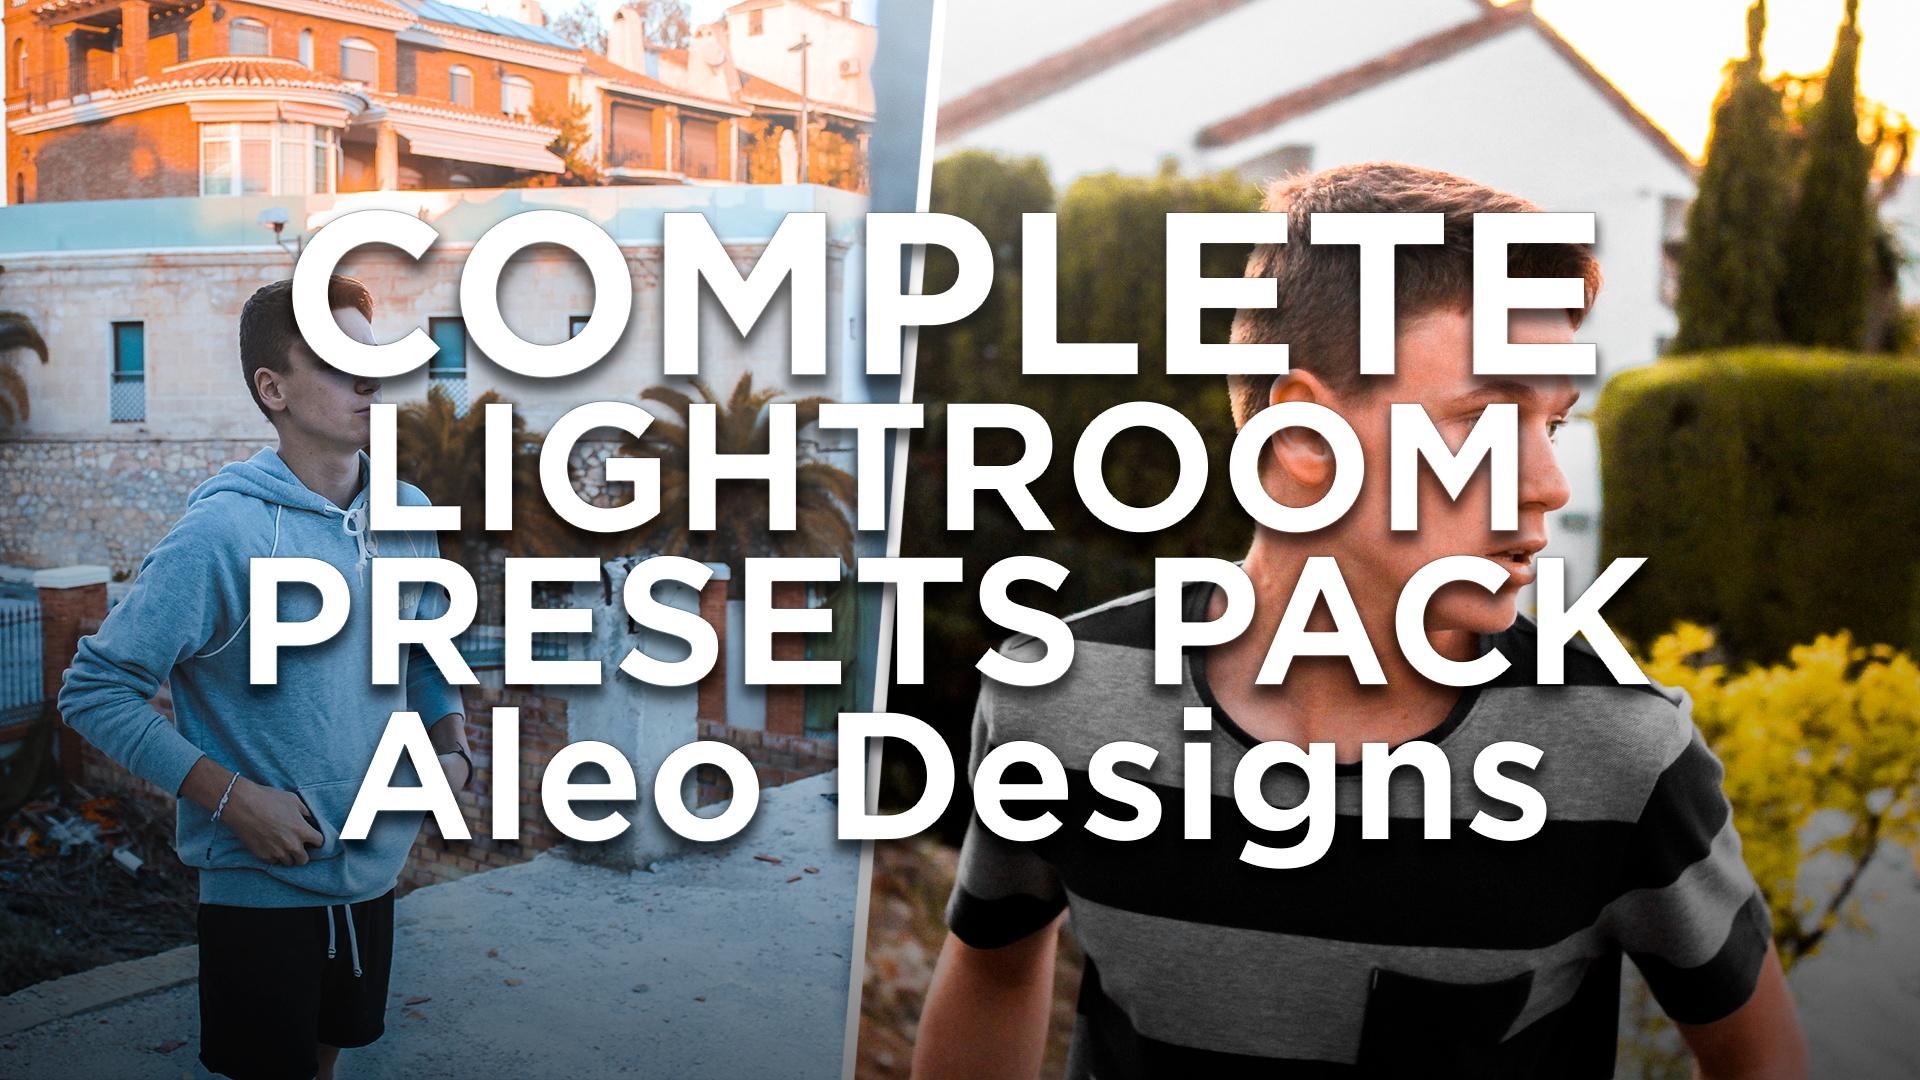 FULL LIGHTROOM PRESETS PACK - Aleo.